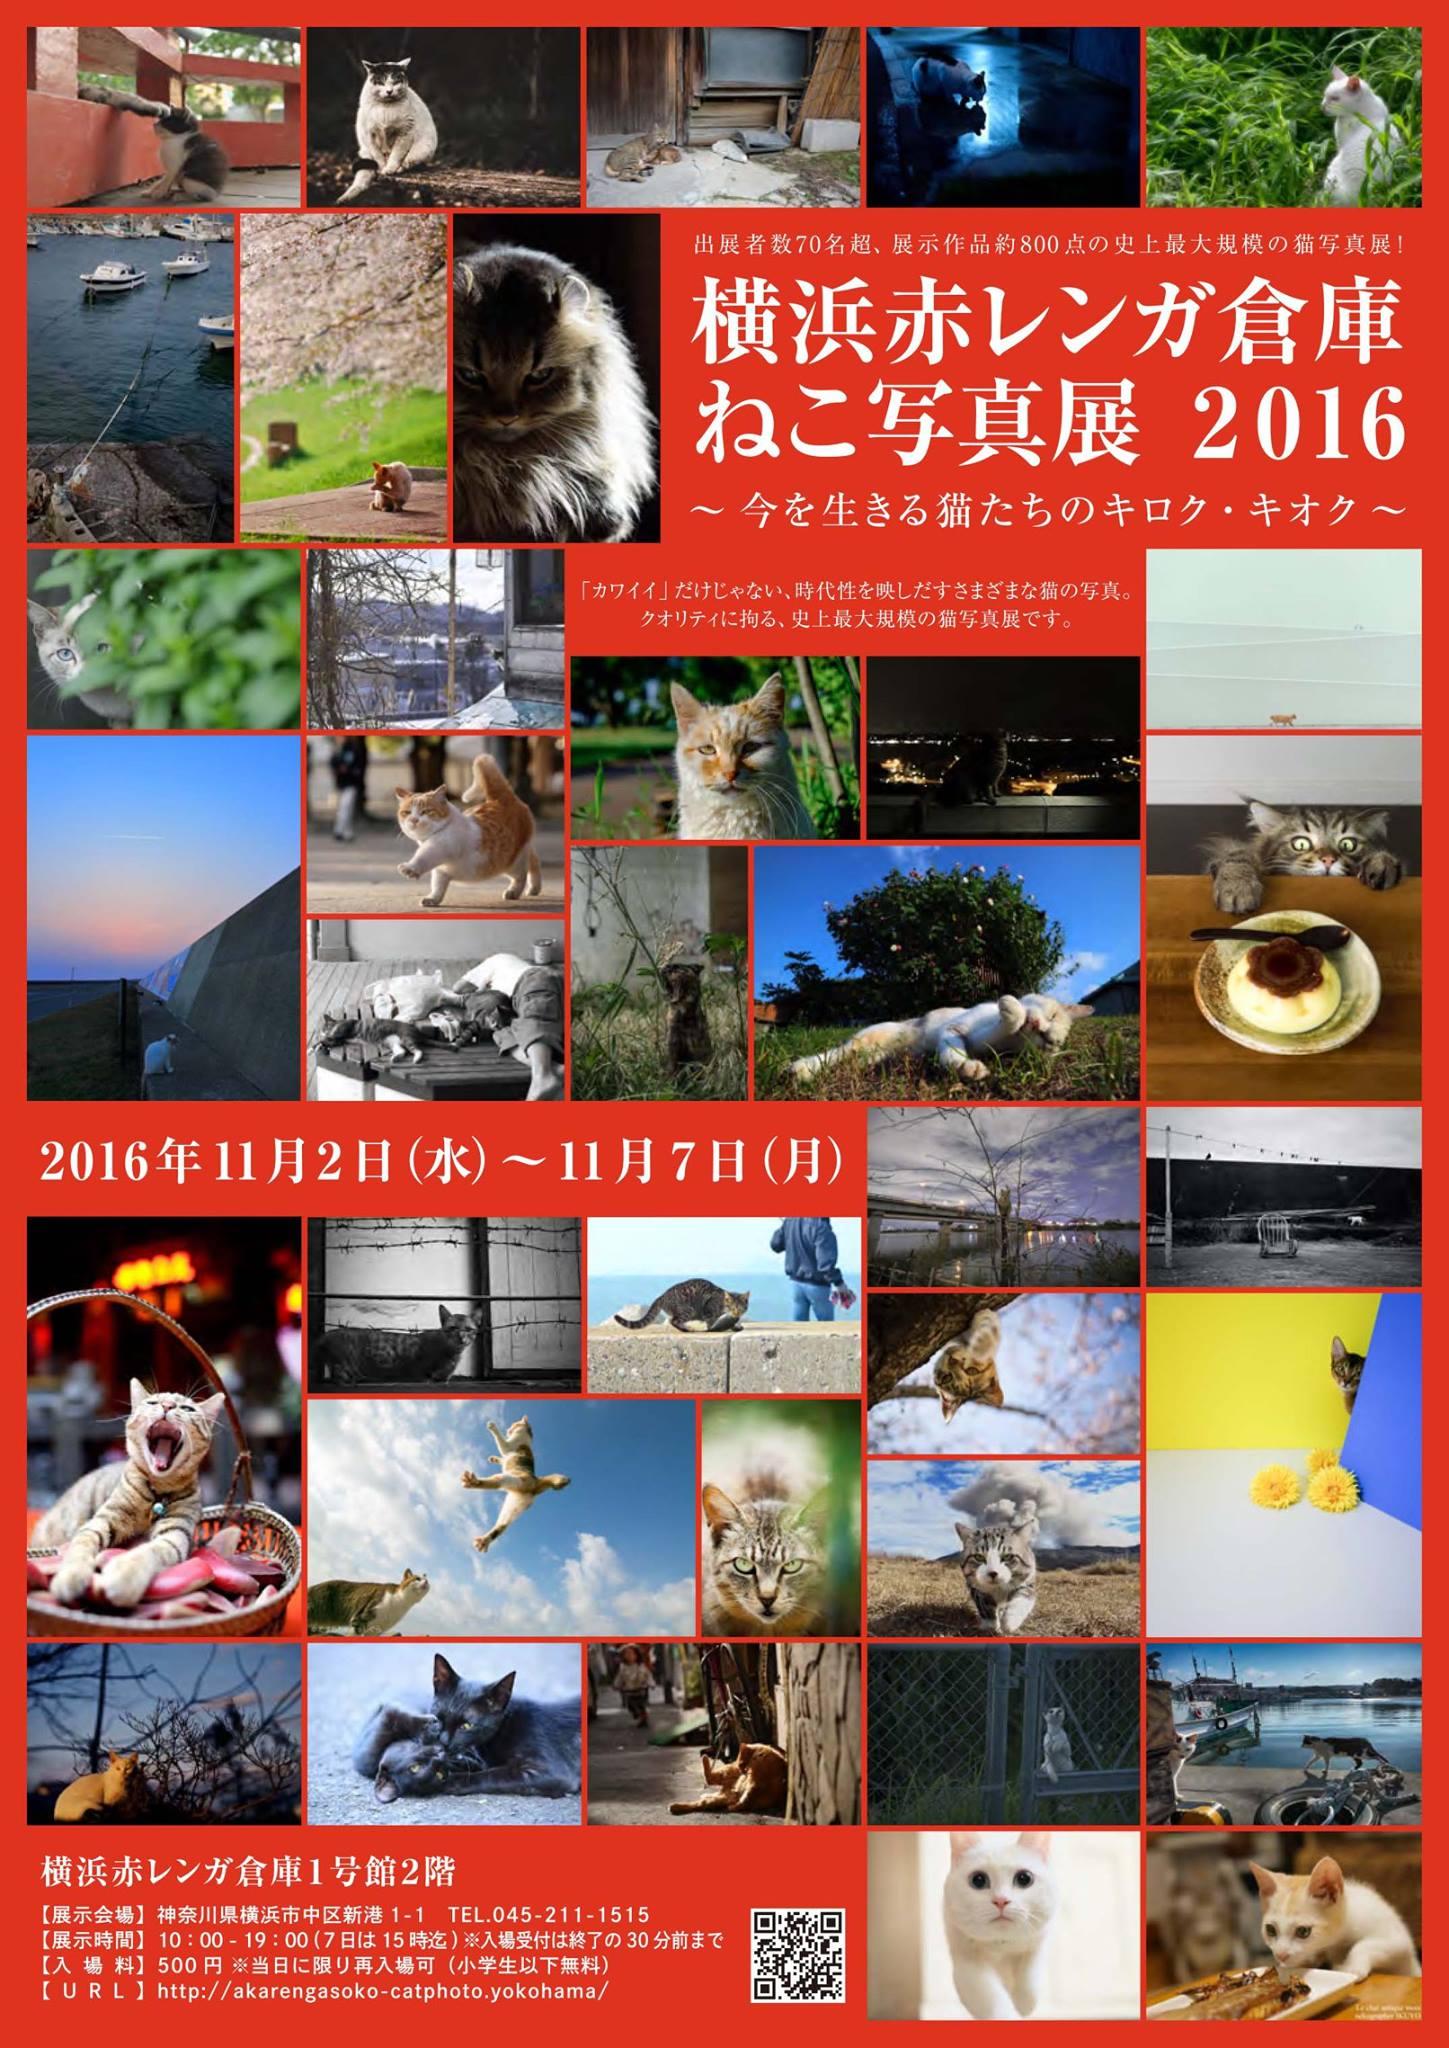 横浜赤レンガ倉庫 ねこ写真展 2016  ~今を生きる猫たちのキロク・キオク~_c0194541_2093118.jpg